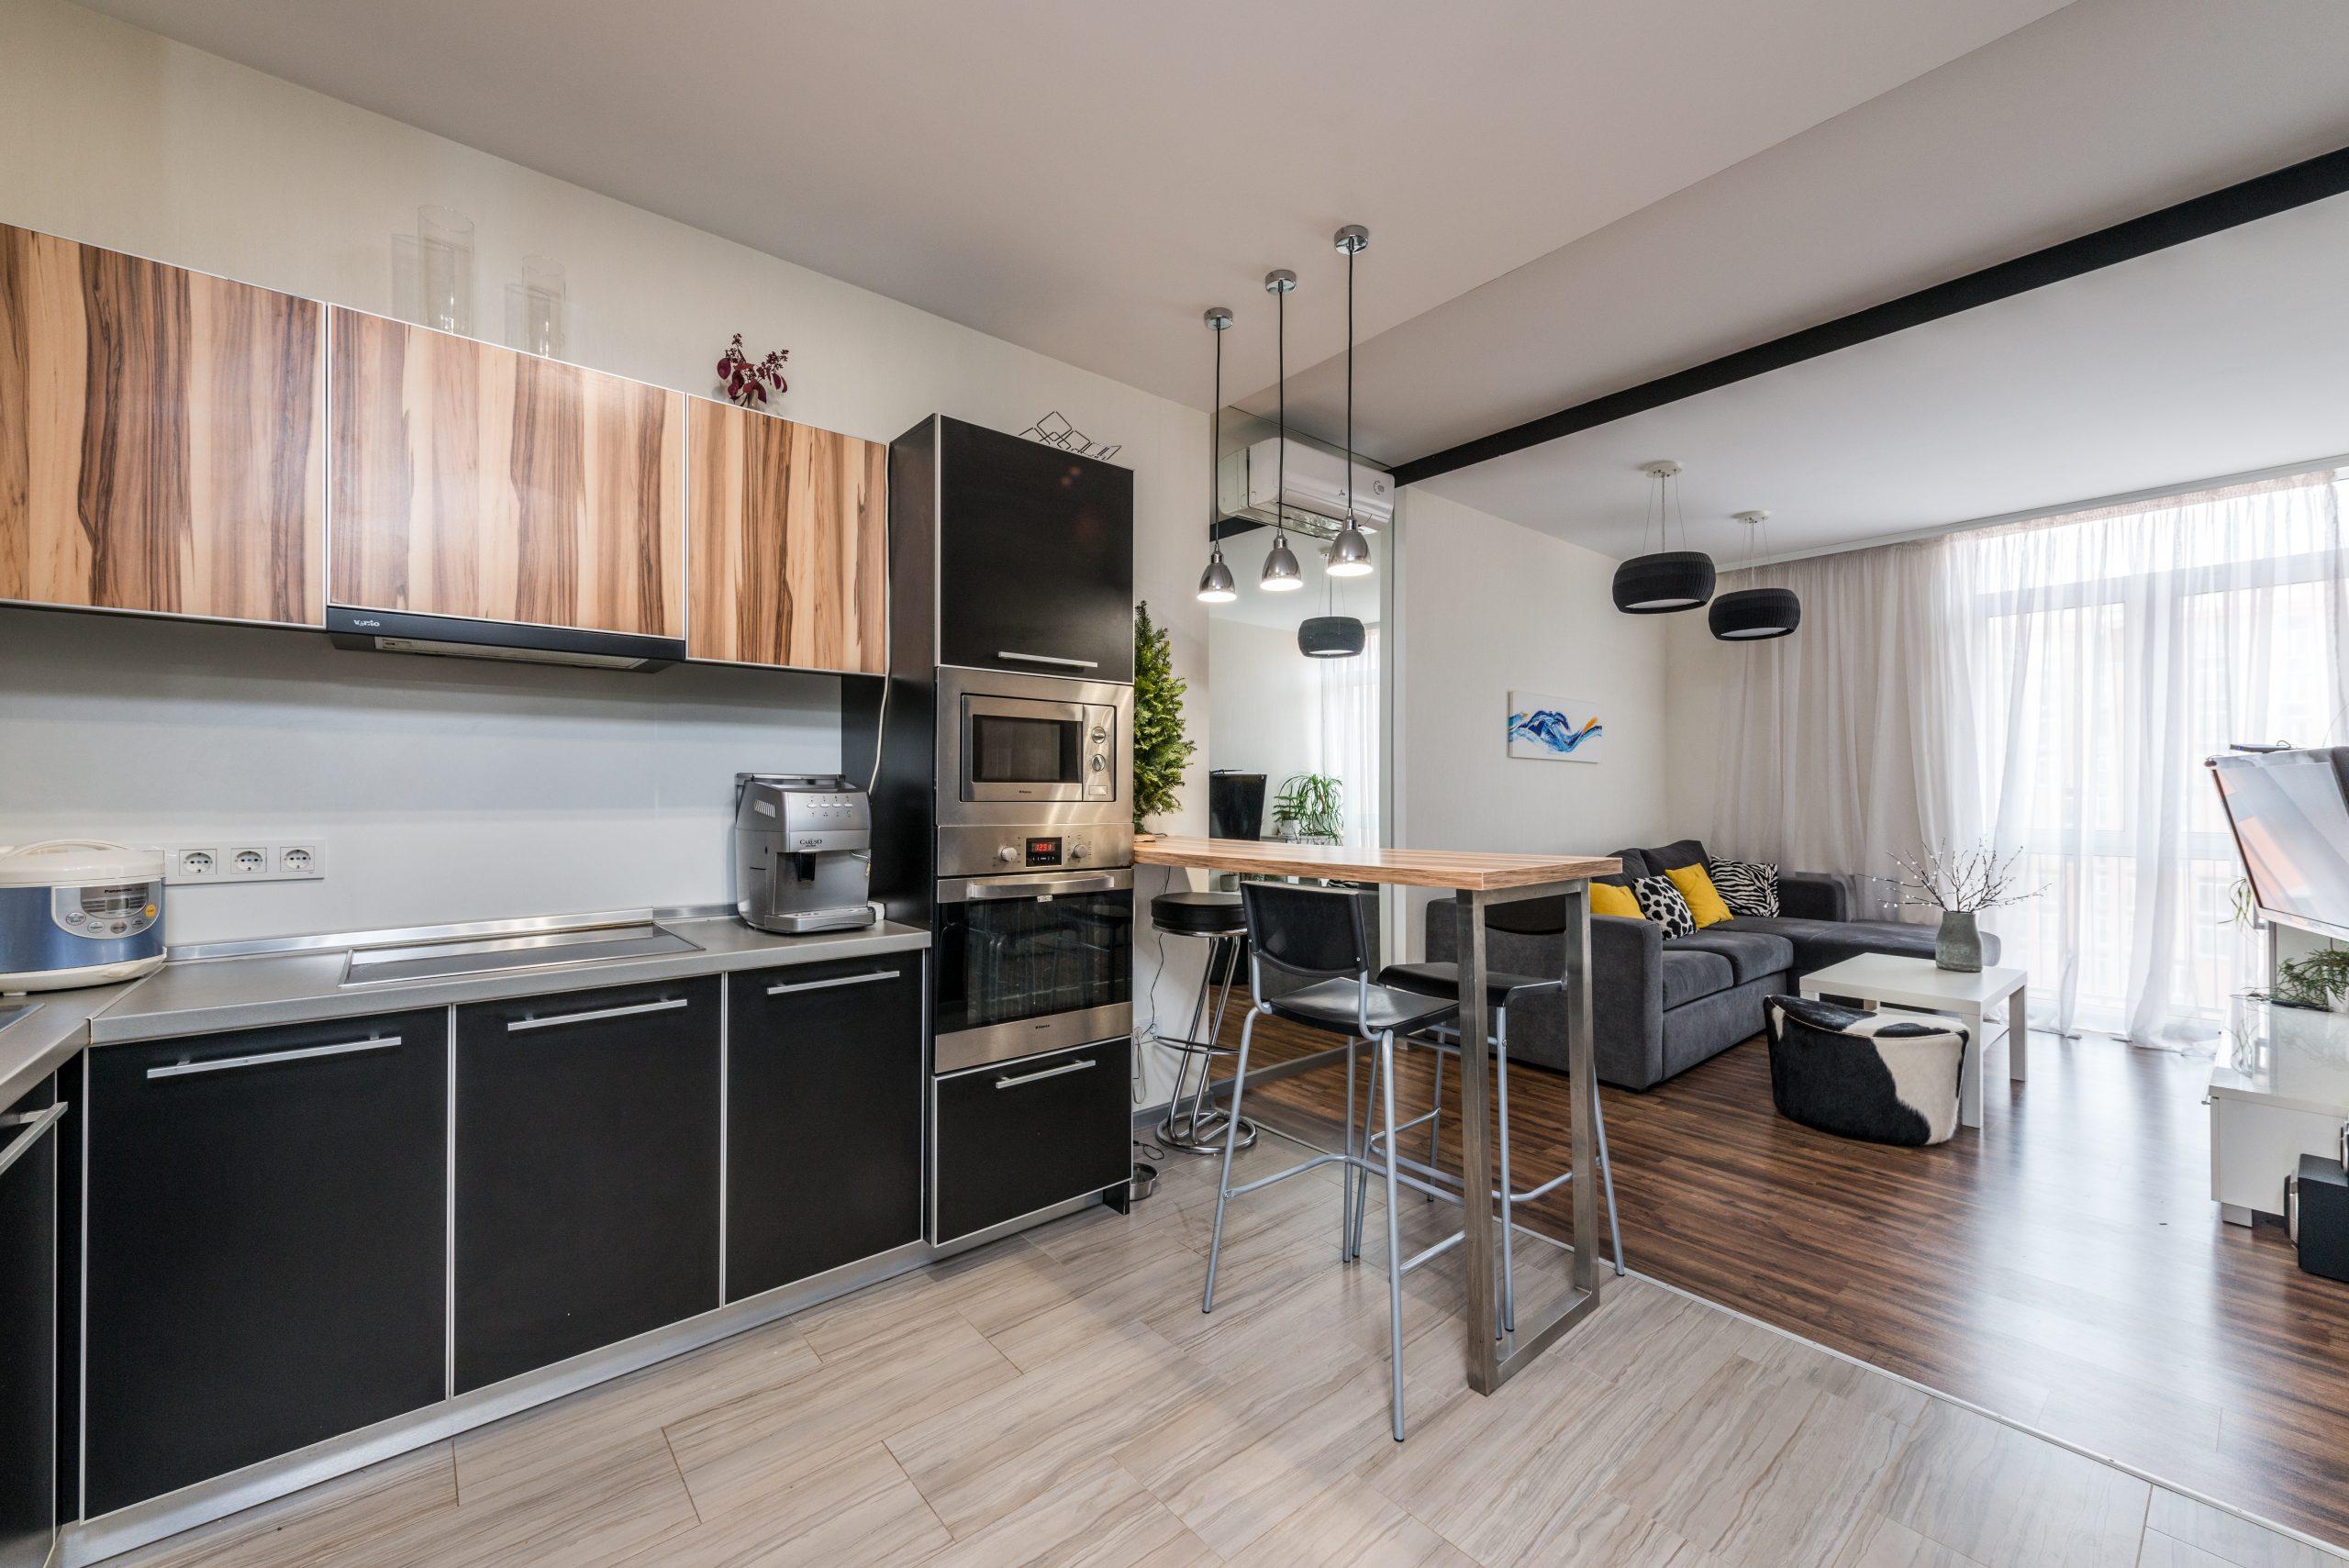 Cómo decorar una cocina en una casa moderna